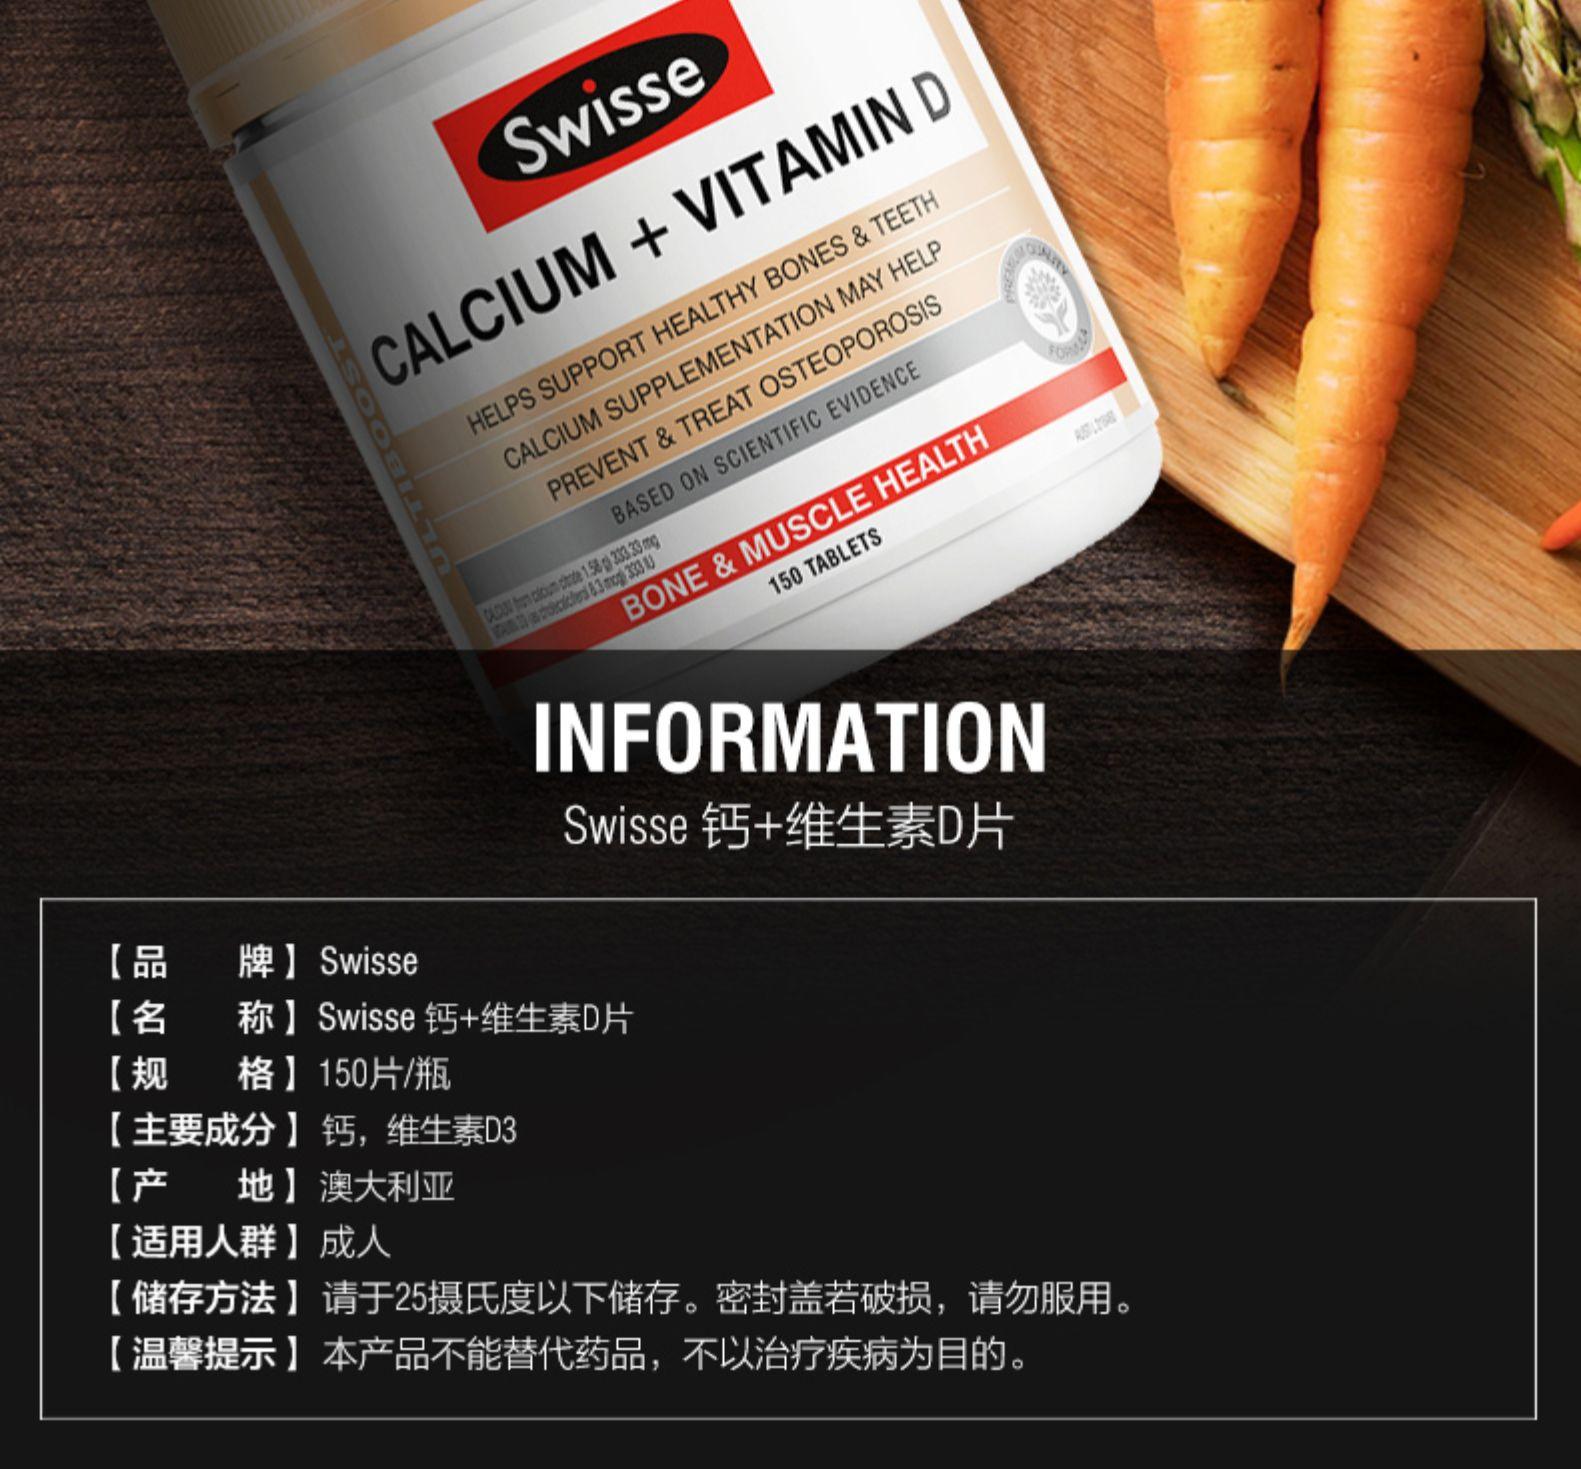 澳洲进口swisse钙片+维生素D柠檬酸150片成人 孕妇中老年人补钙 我们的产品 第6张